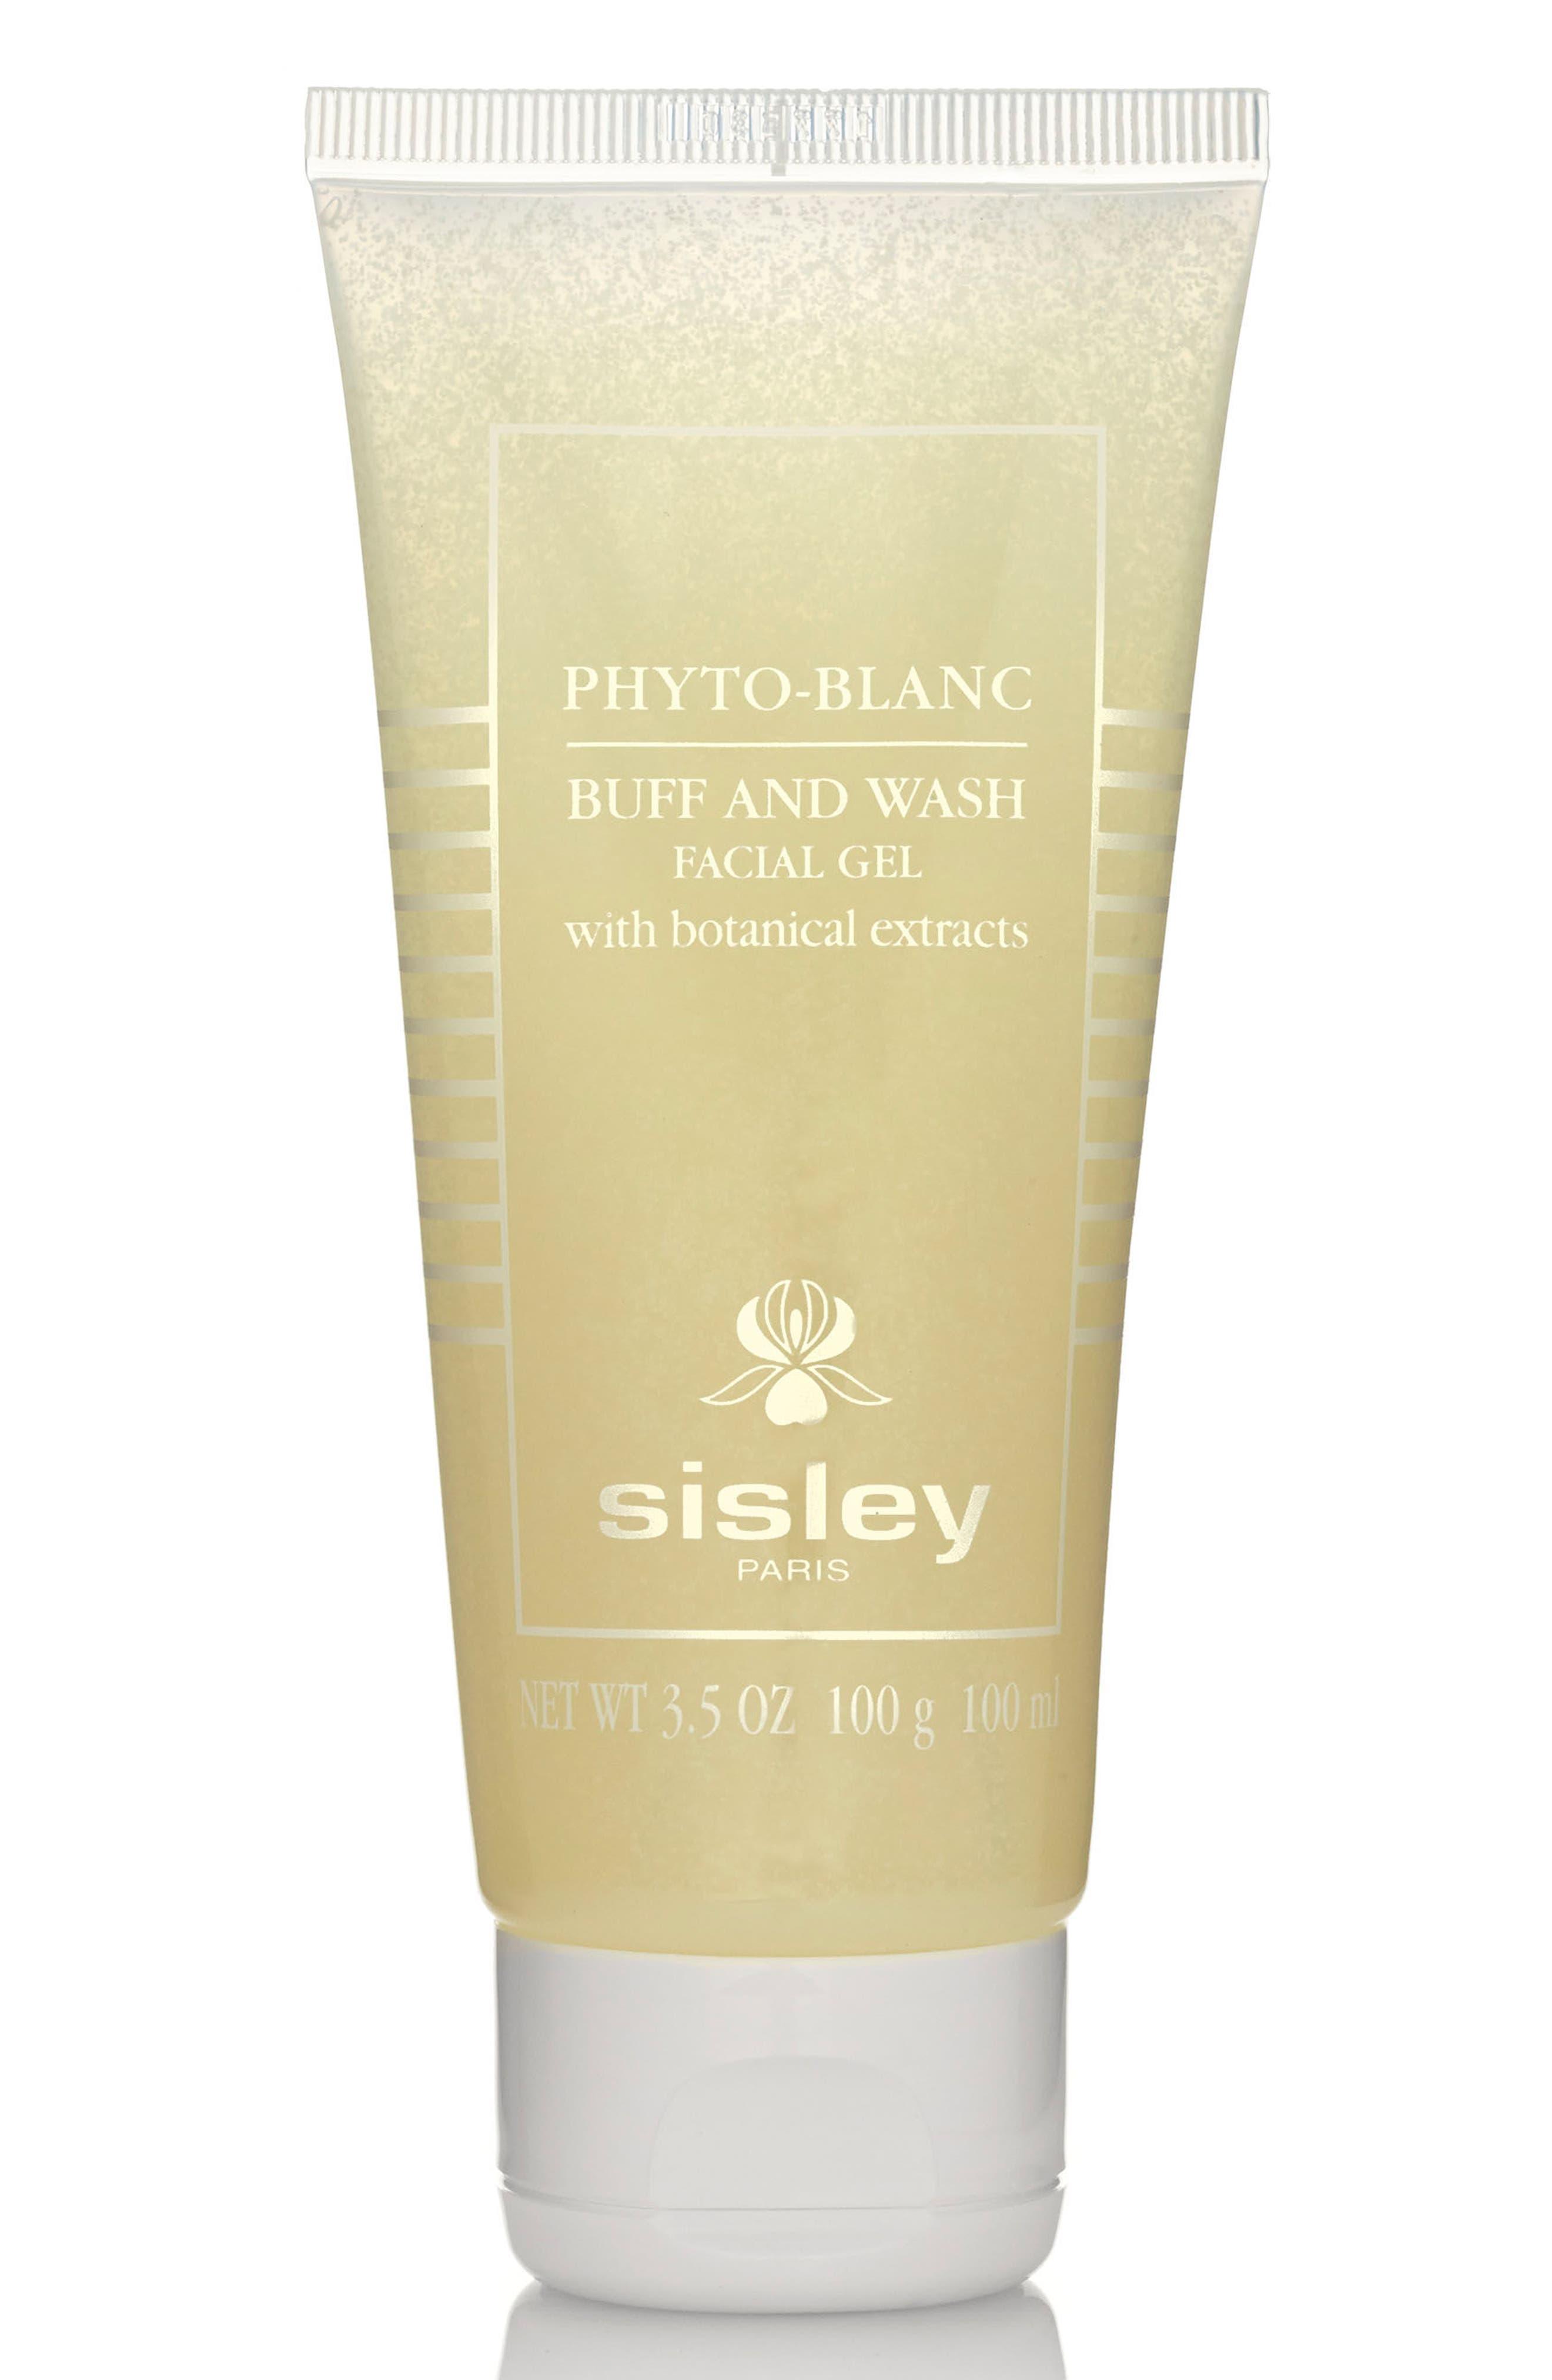 Sisley Paris Phyto-Blanc Buff and Wash Facial Gel